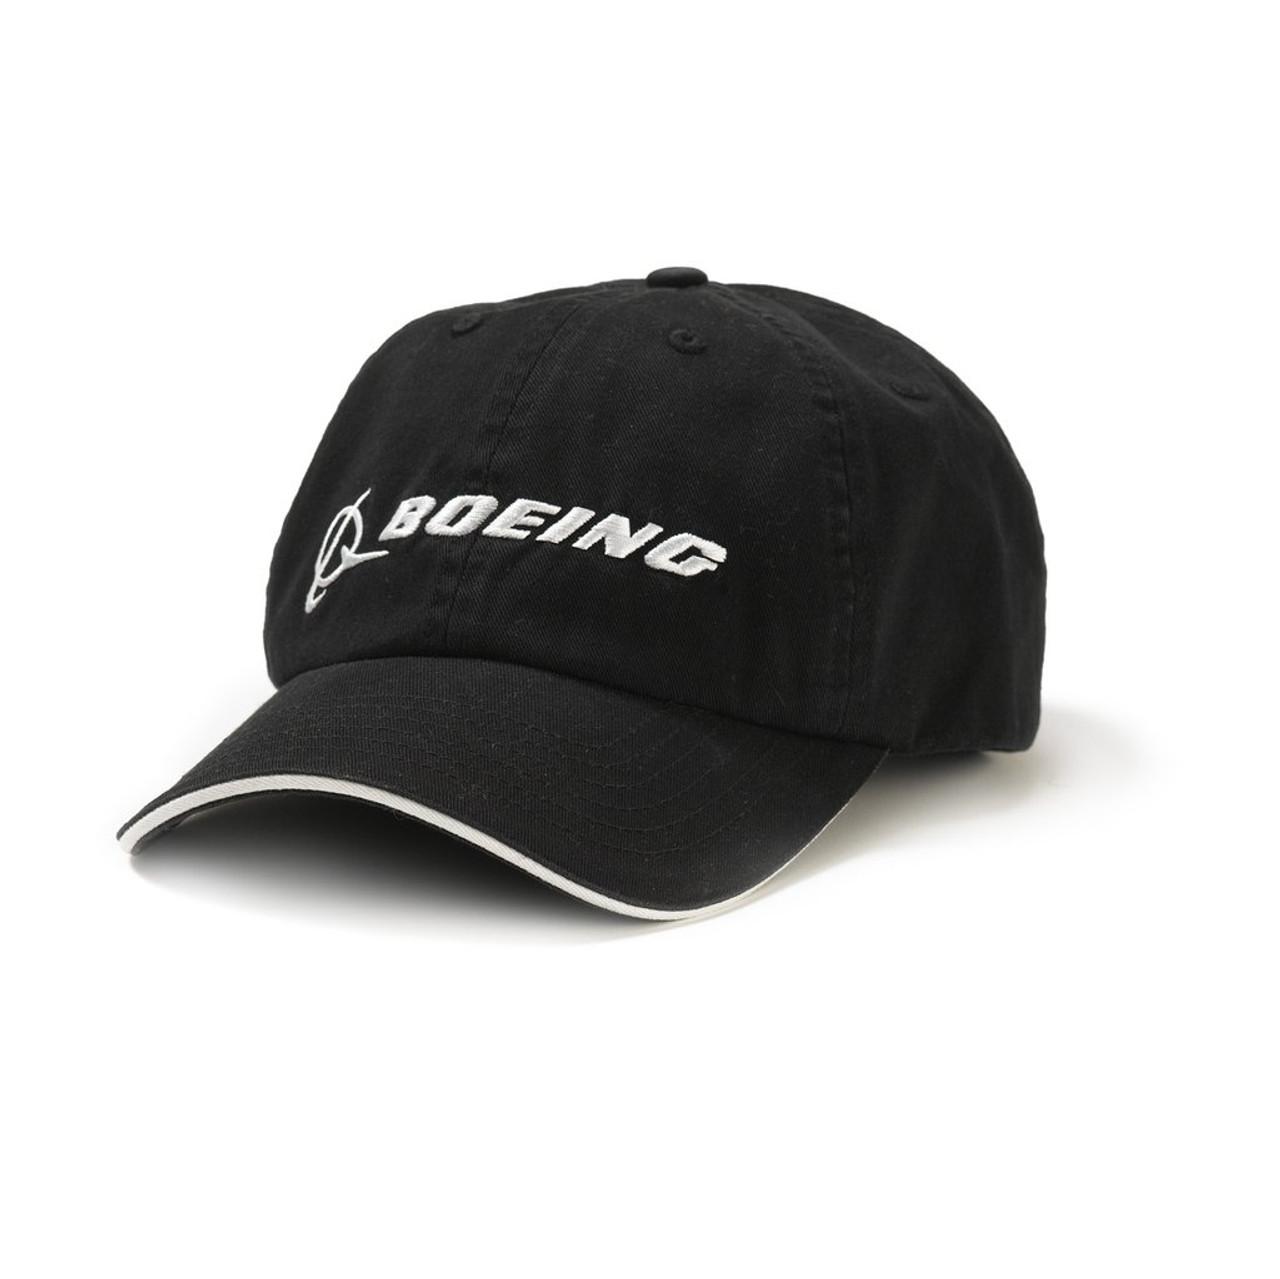 Boeing Chino Cap (Black)